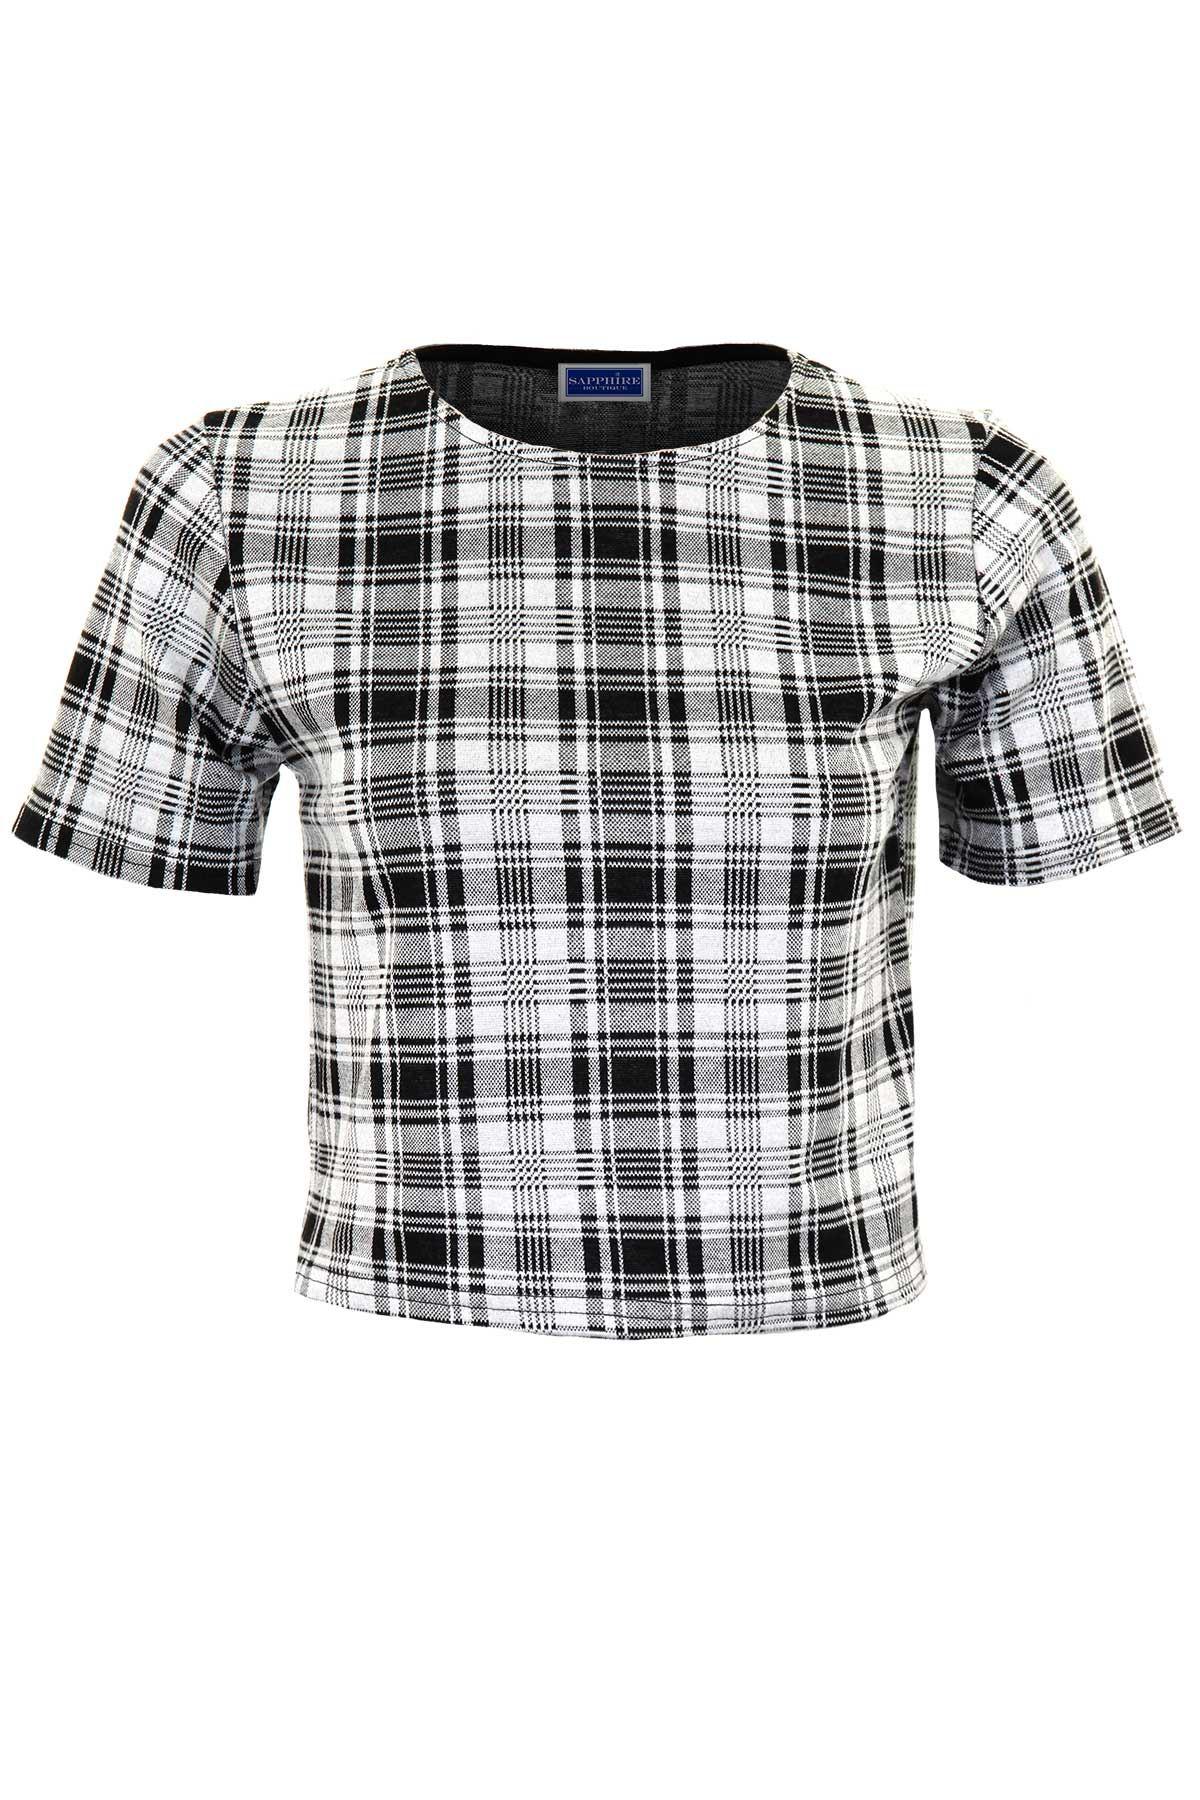 Des-femmes-a-manches-courtes-crop-top-checkered-print-Smart-mesdames-jupe-longueur-genou